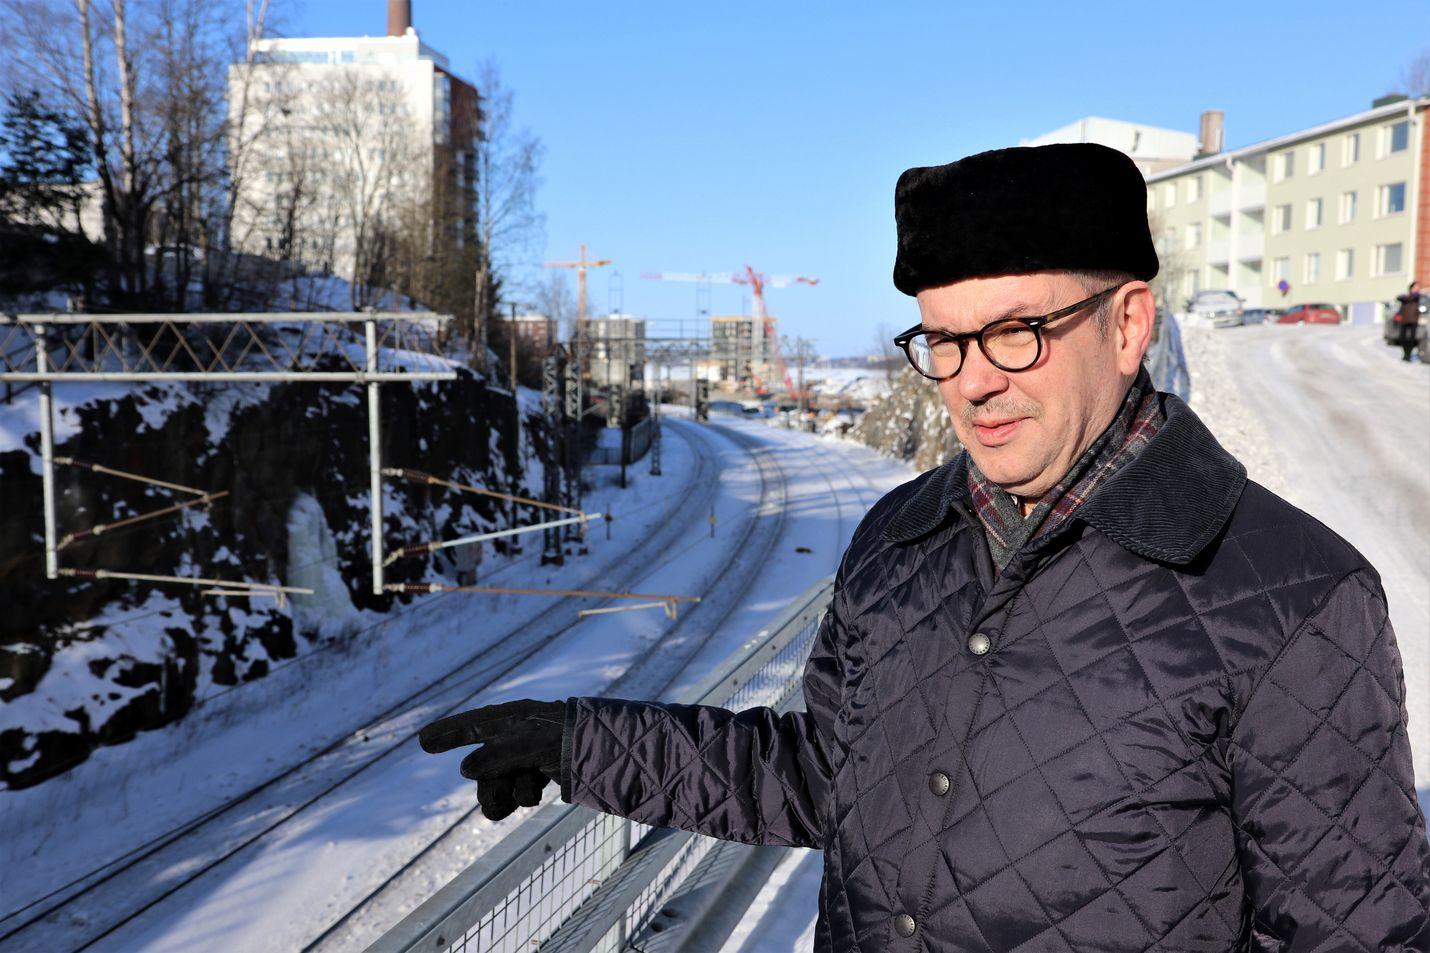 Koko raideliikennettä pitäisi käsitellä kokonaisuutena sekä henkilö- että tavaraliikenne huomioon ottaen, professori Jorma Mäntynen sanoo.